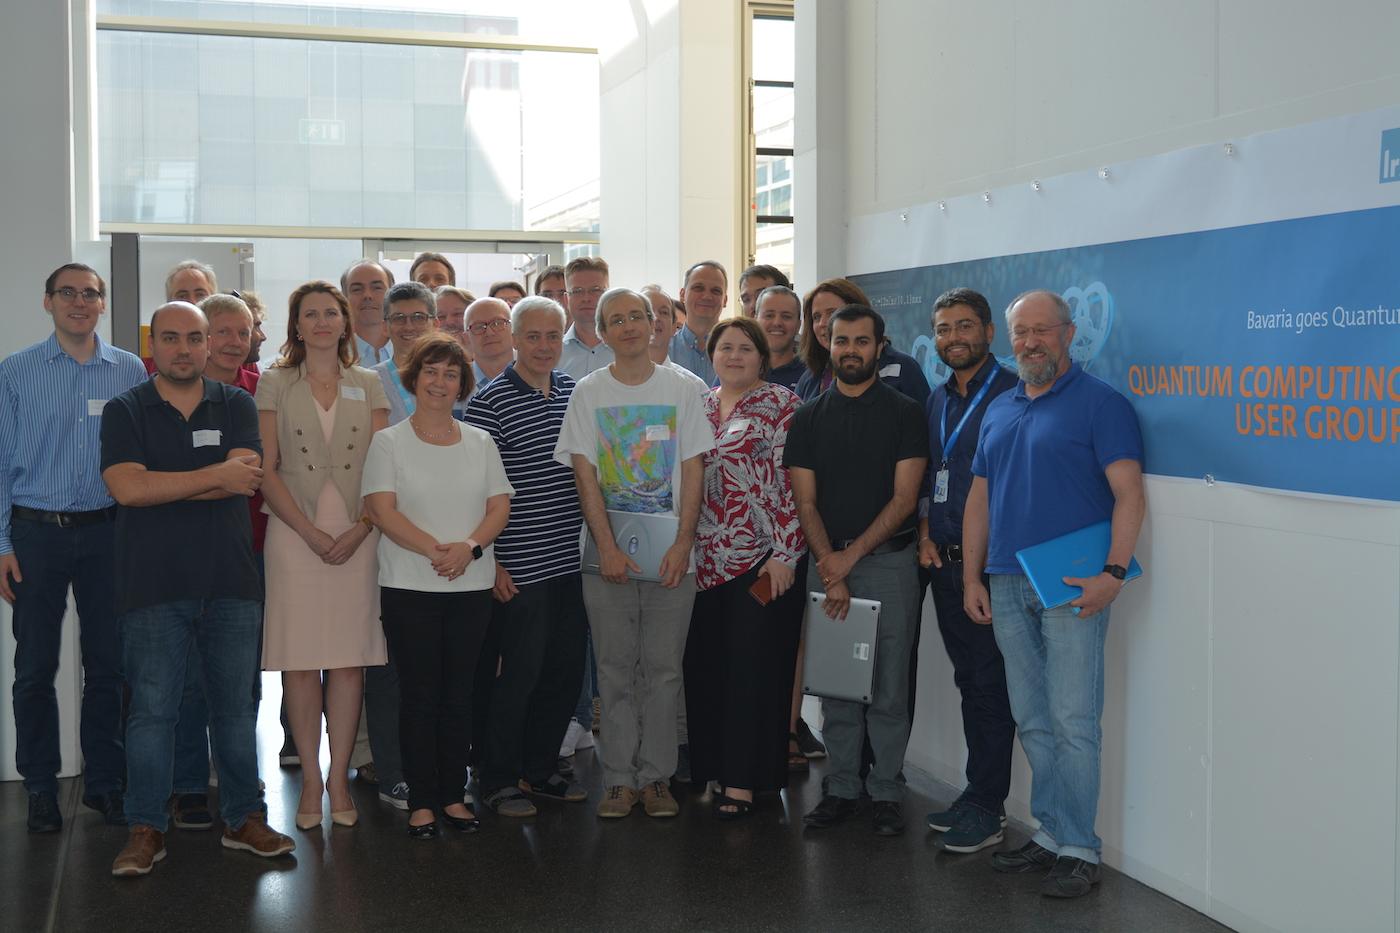 Teilnehmer des ersten Treffens der neuen Quantum Computing User-Group